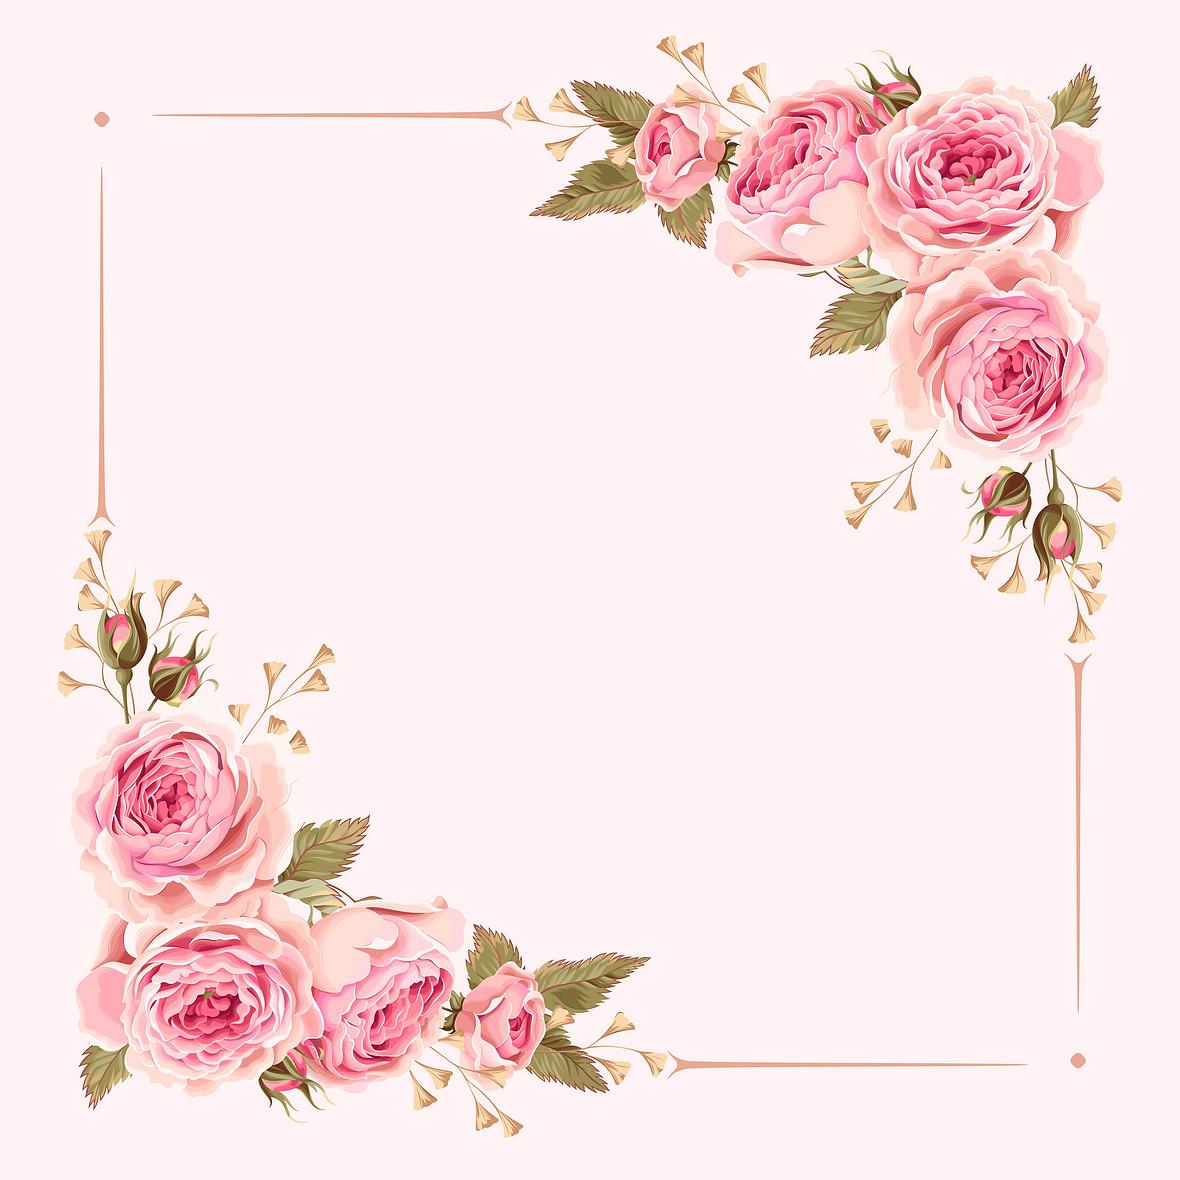 矢量粉色水彩手绘花朵边框婚庆背景